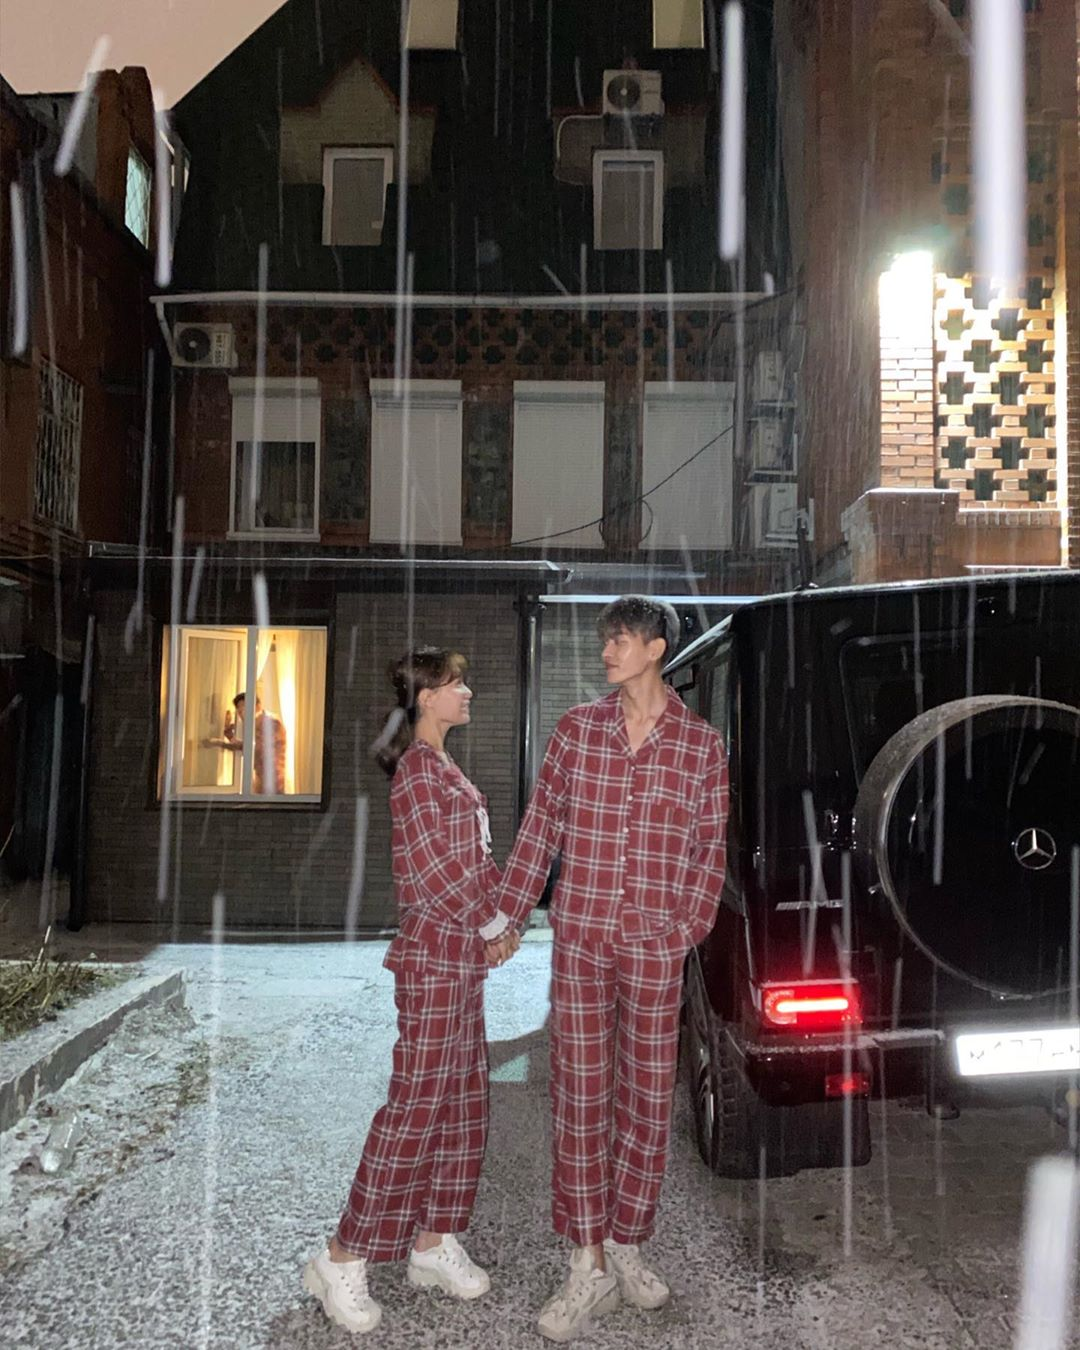 放閃必追「超高明情侶裝」模範IG 連圍巾都要「情侶圍」甜蜜無極限!